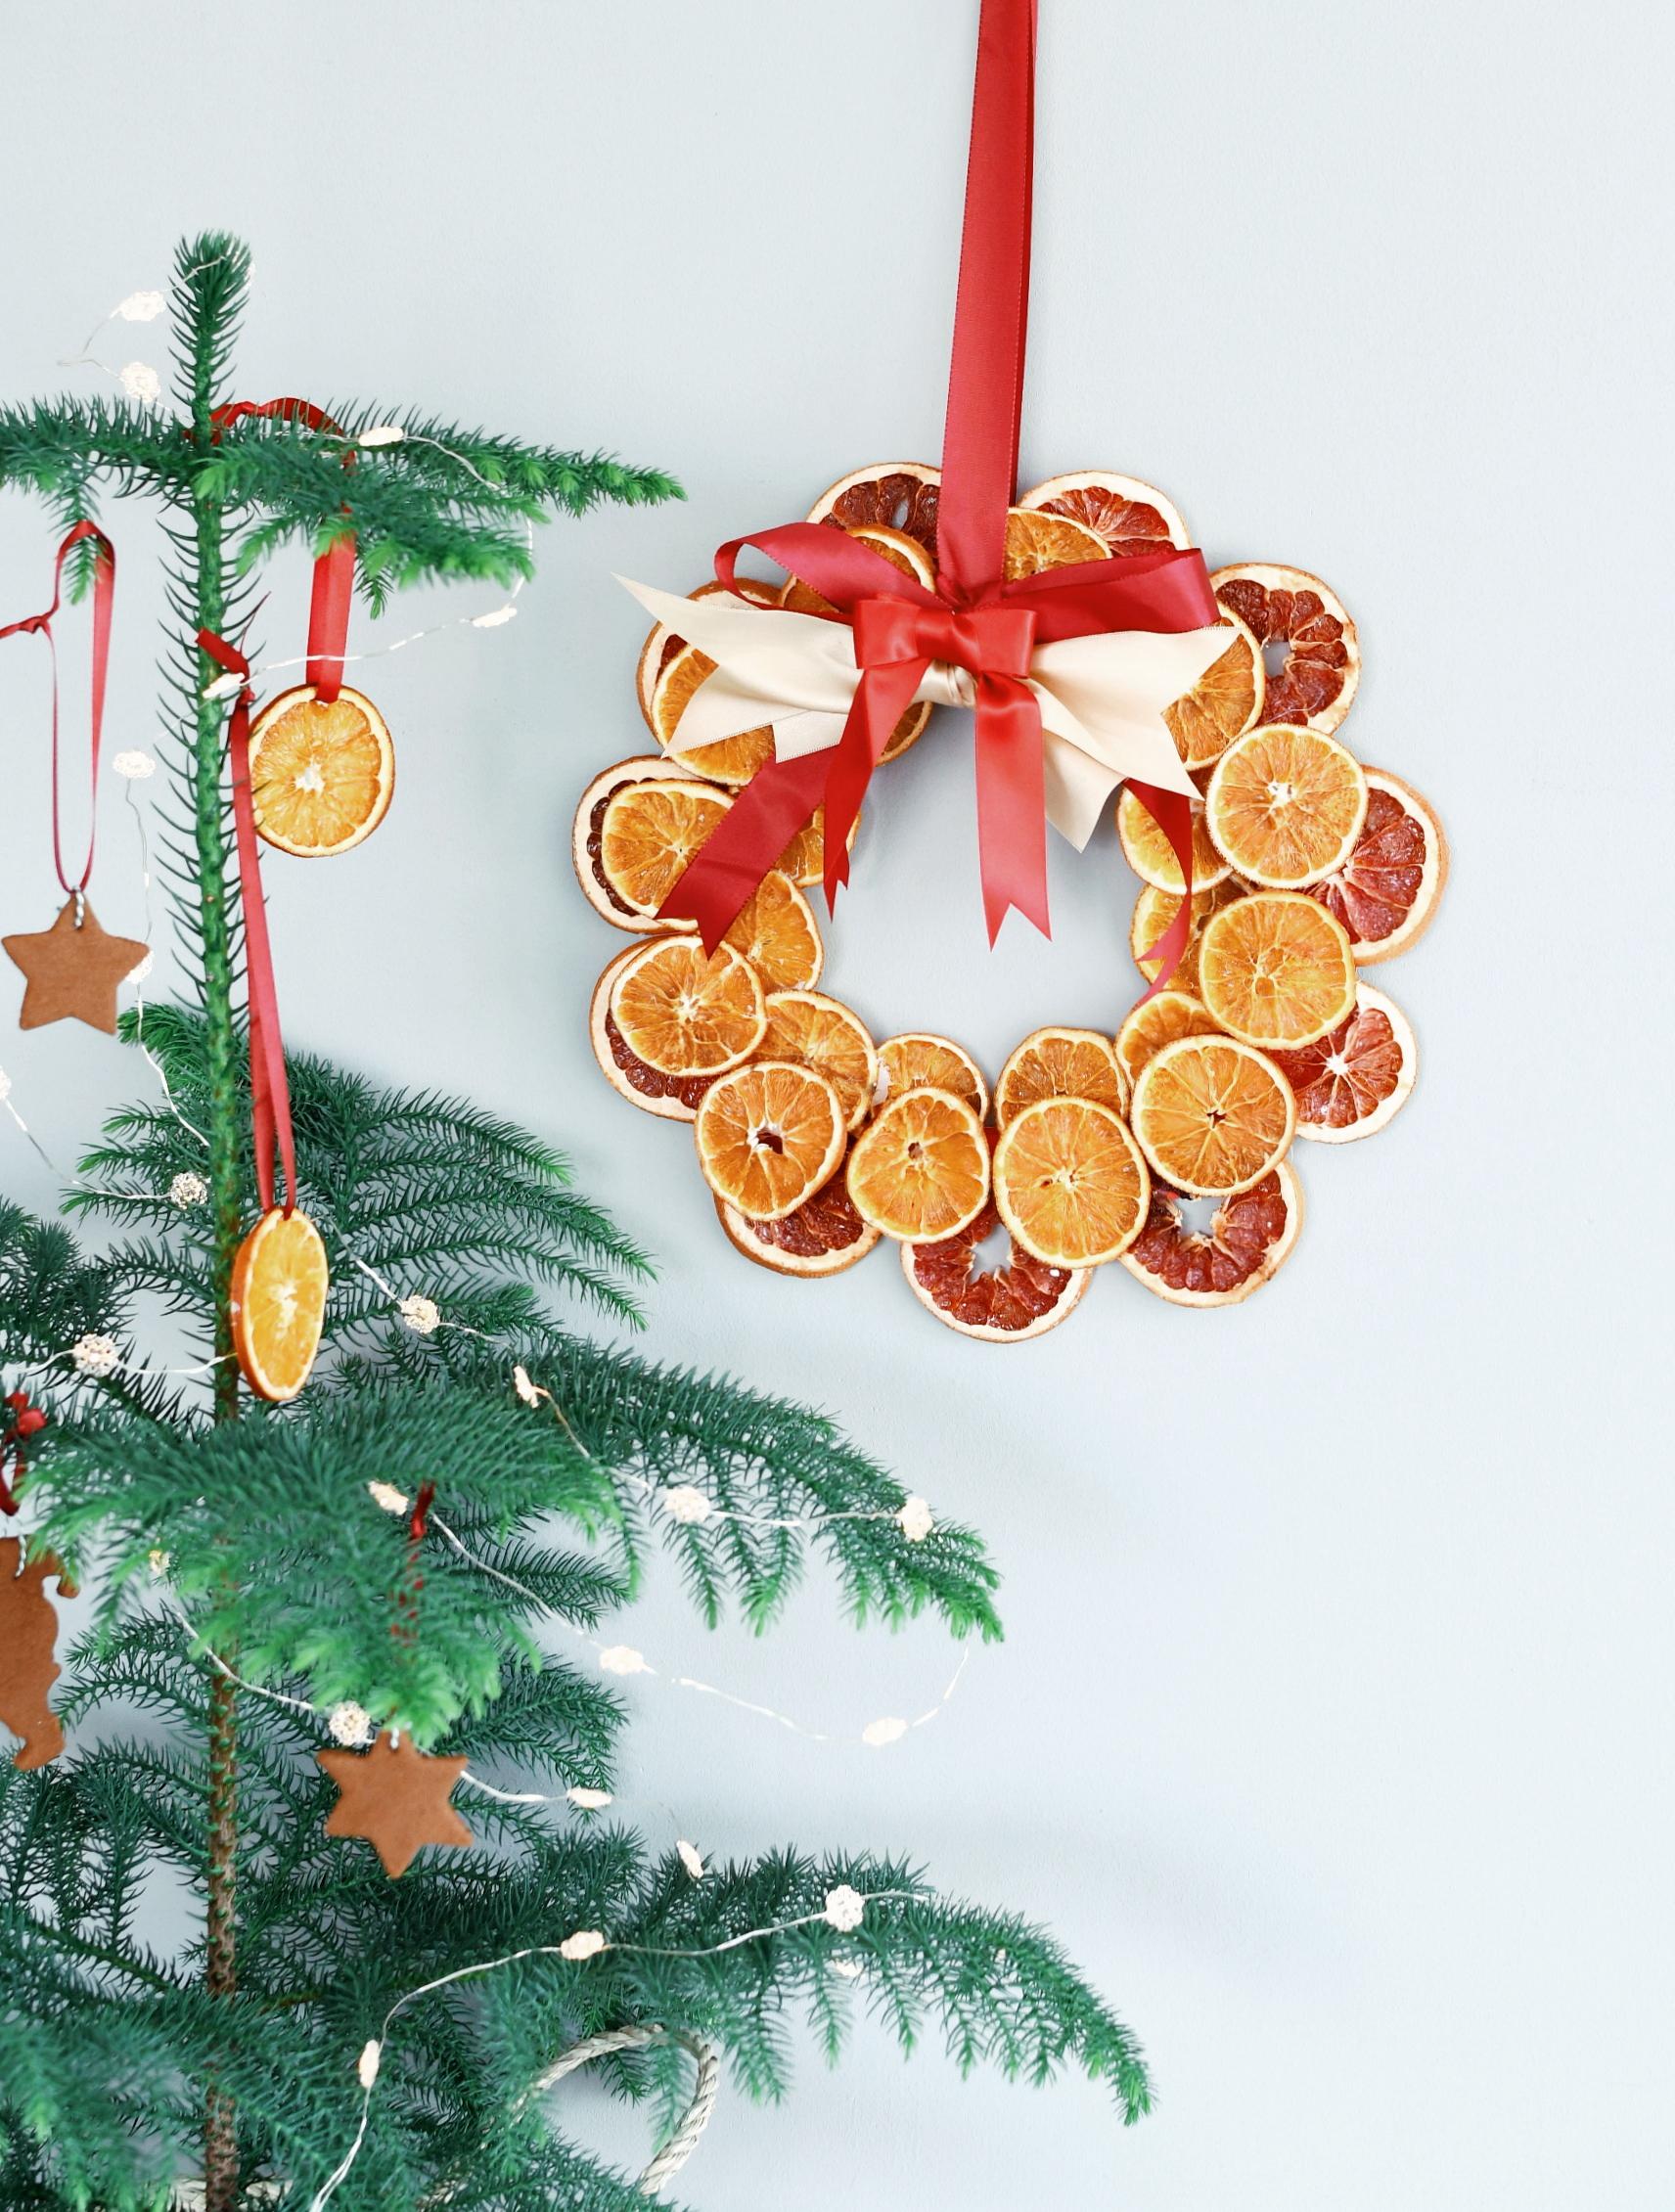 kerstkrans gedroogde sinaasappel